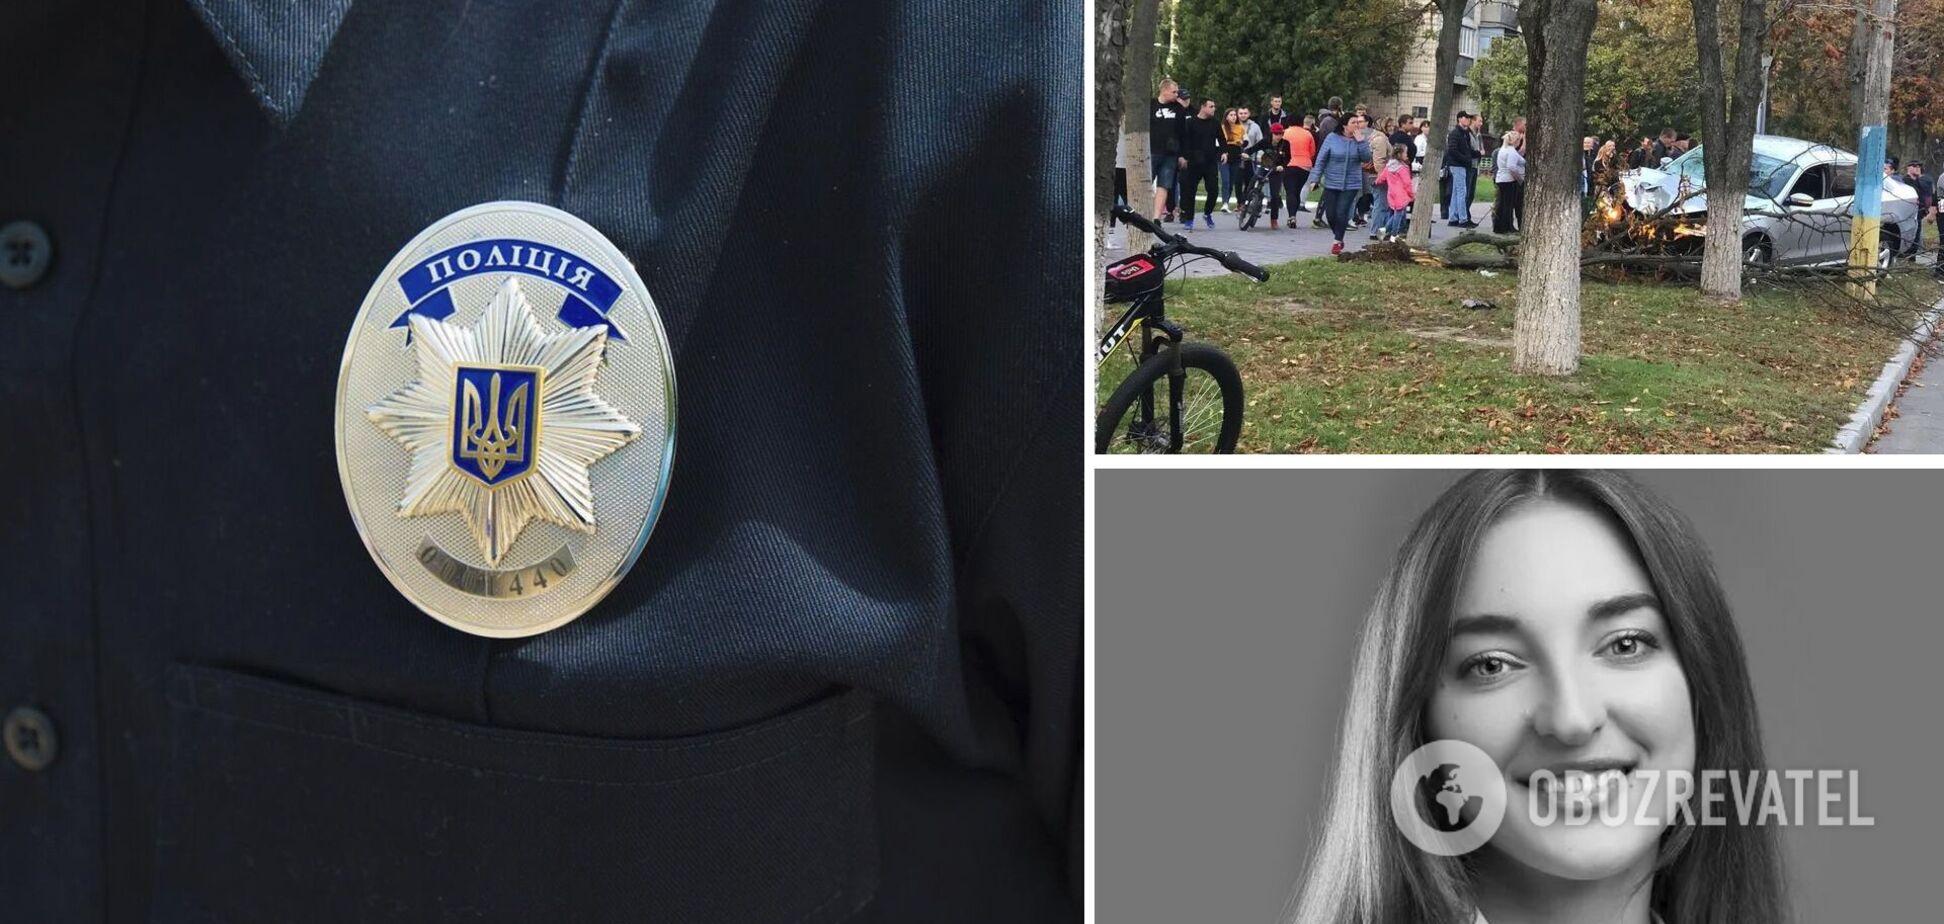 П'яна ДТП в Броварах: у поліцейського виявилася мати-чиновниця і дружина-коп. Ексклюзив